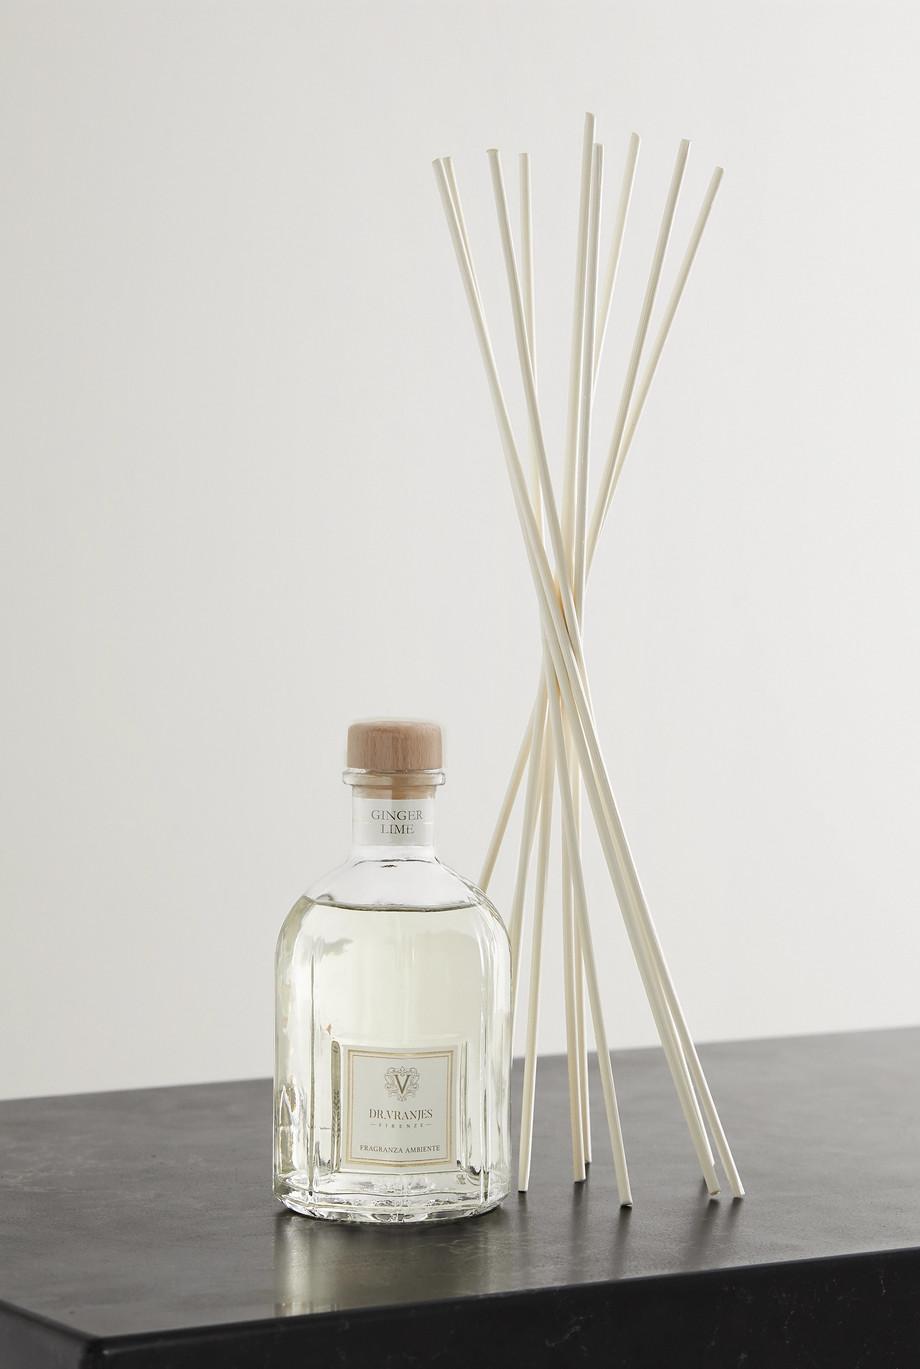 Dr. Vranjes Firenze Ginger Lime Raumduft mit Schilfstäbchen, 250 ml